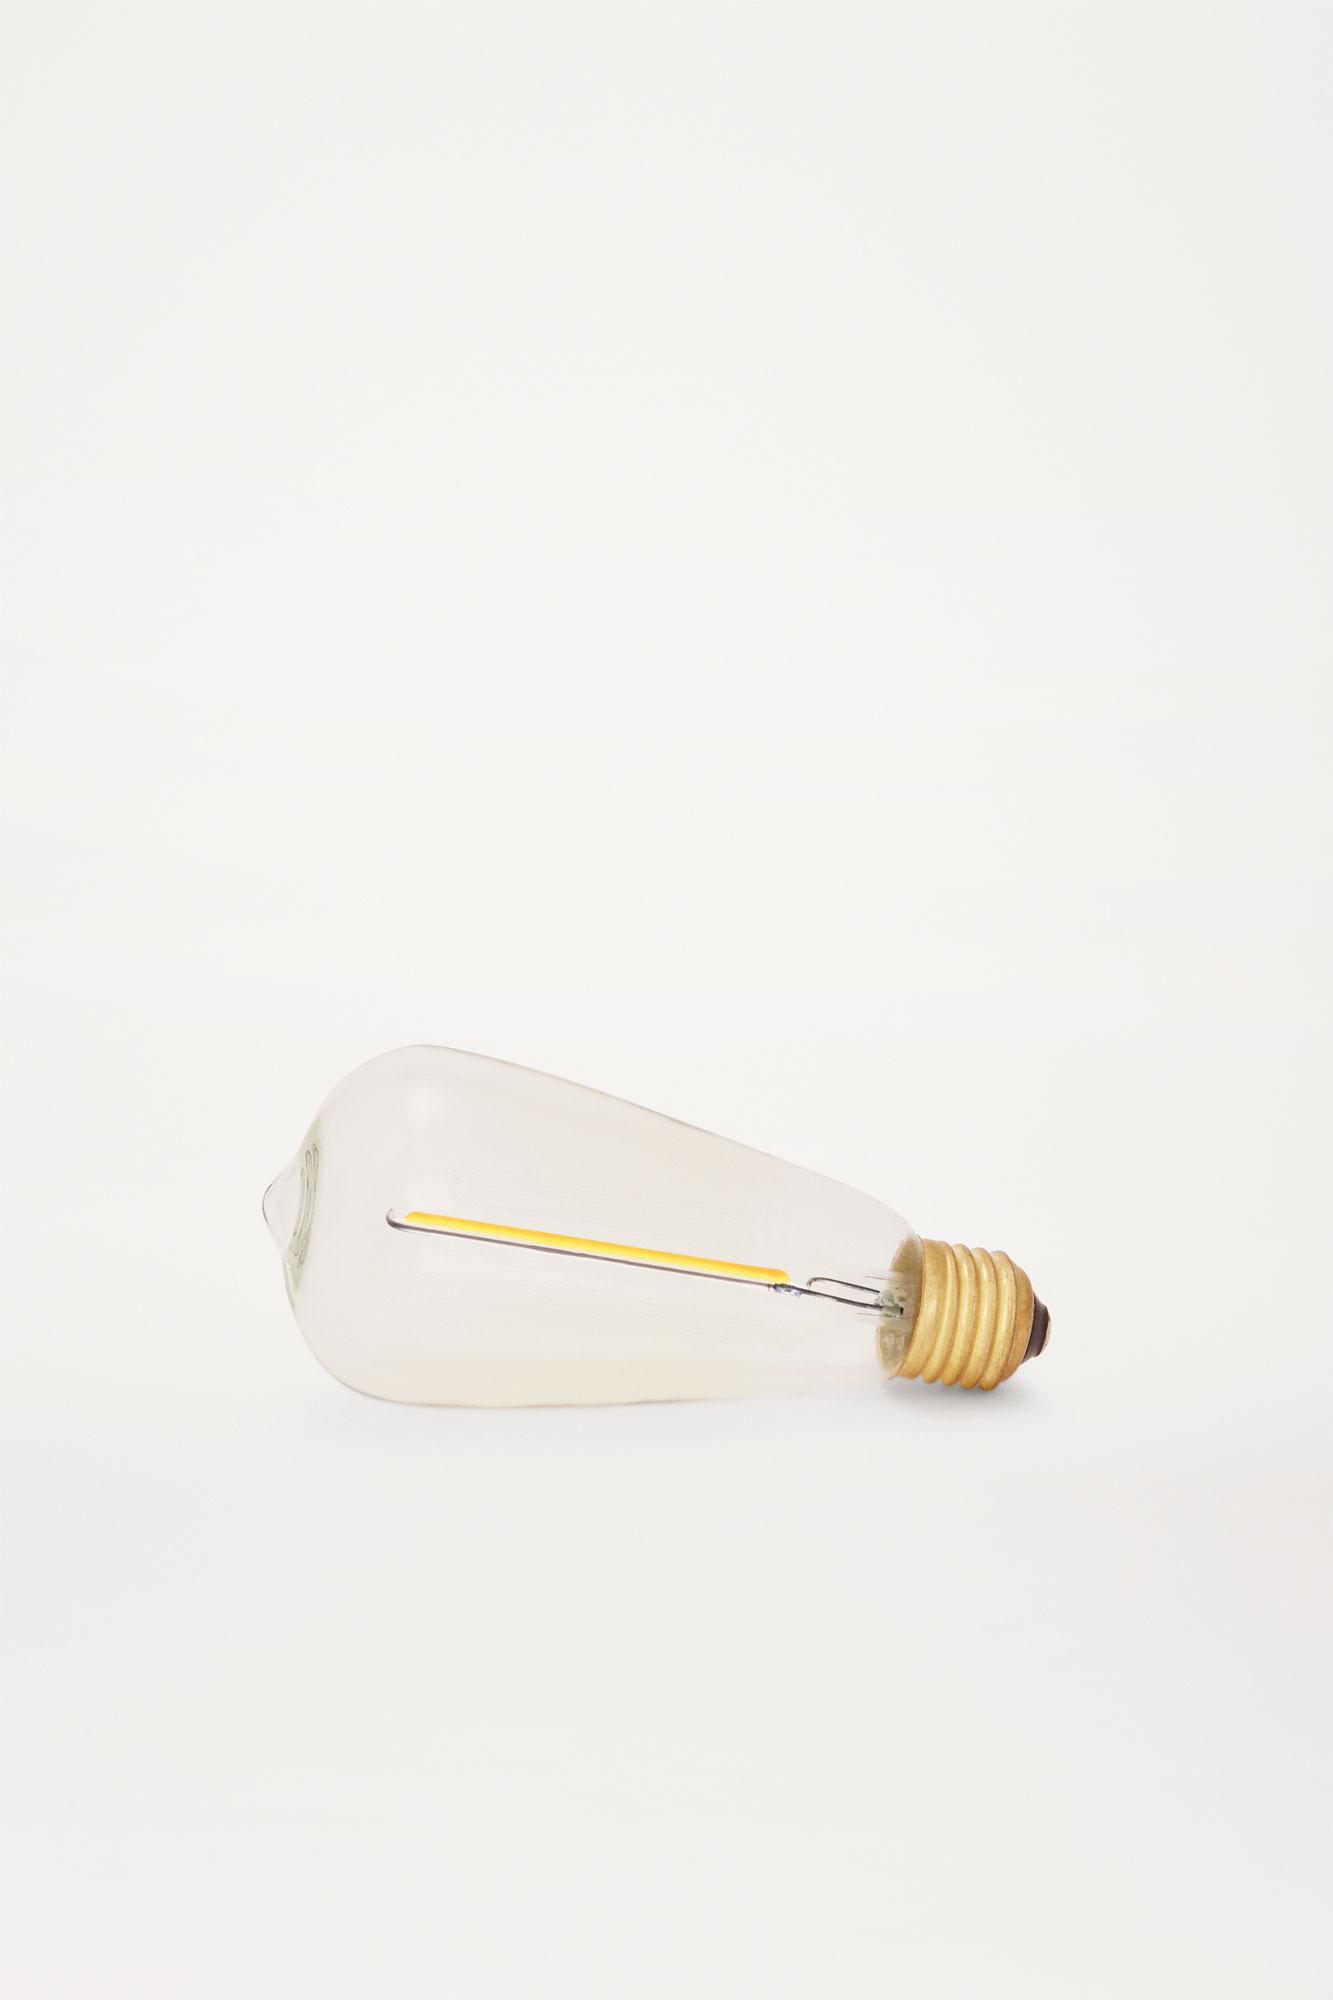 Gluehbirne-Atelier-Drop-LED-FR-23_b_0 Erstaunlich Www Gluehbirne De Dekorationen